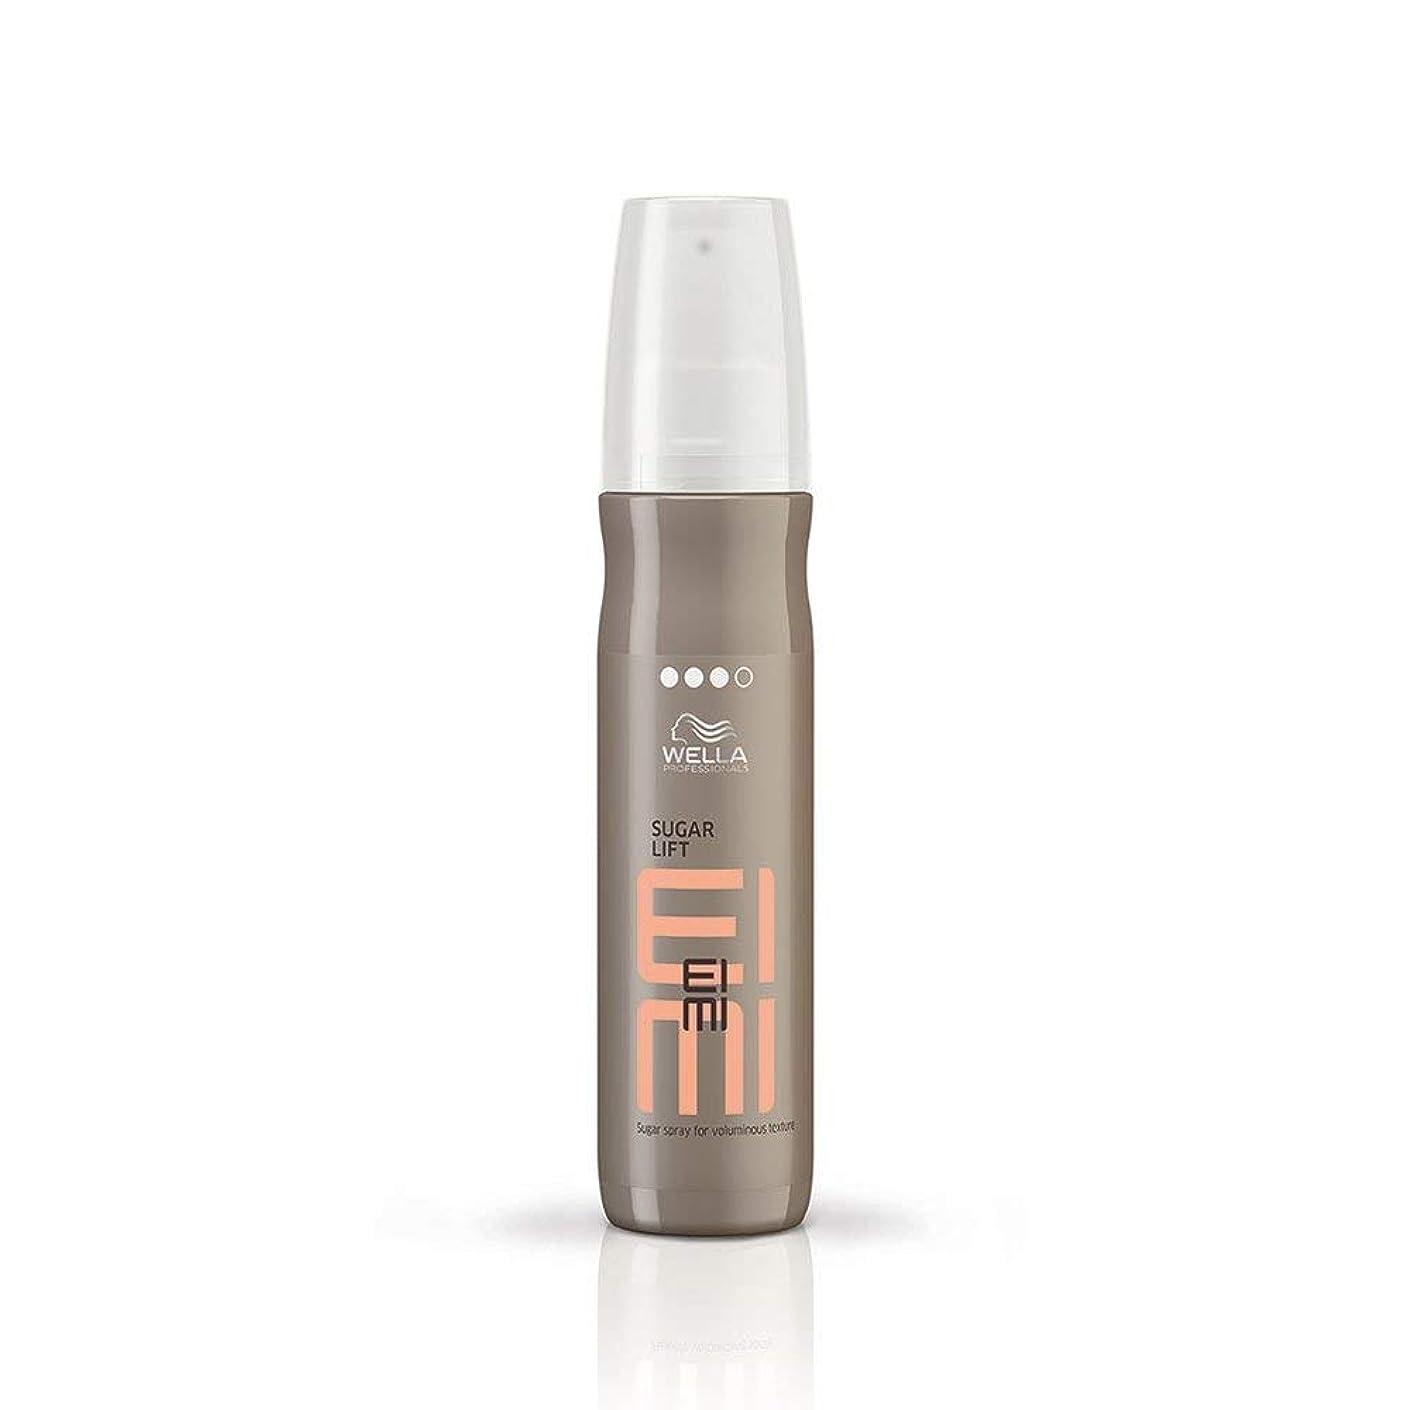 消化姓湿原ウエラ シュガー リフト スプレー Wella EIMI Sugar Lift Sugar Spray for Voluminous Texture 150 ml [並行輸入品]